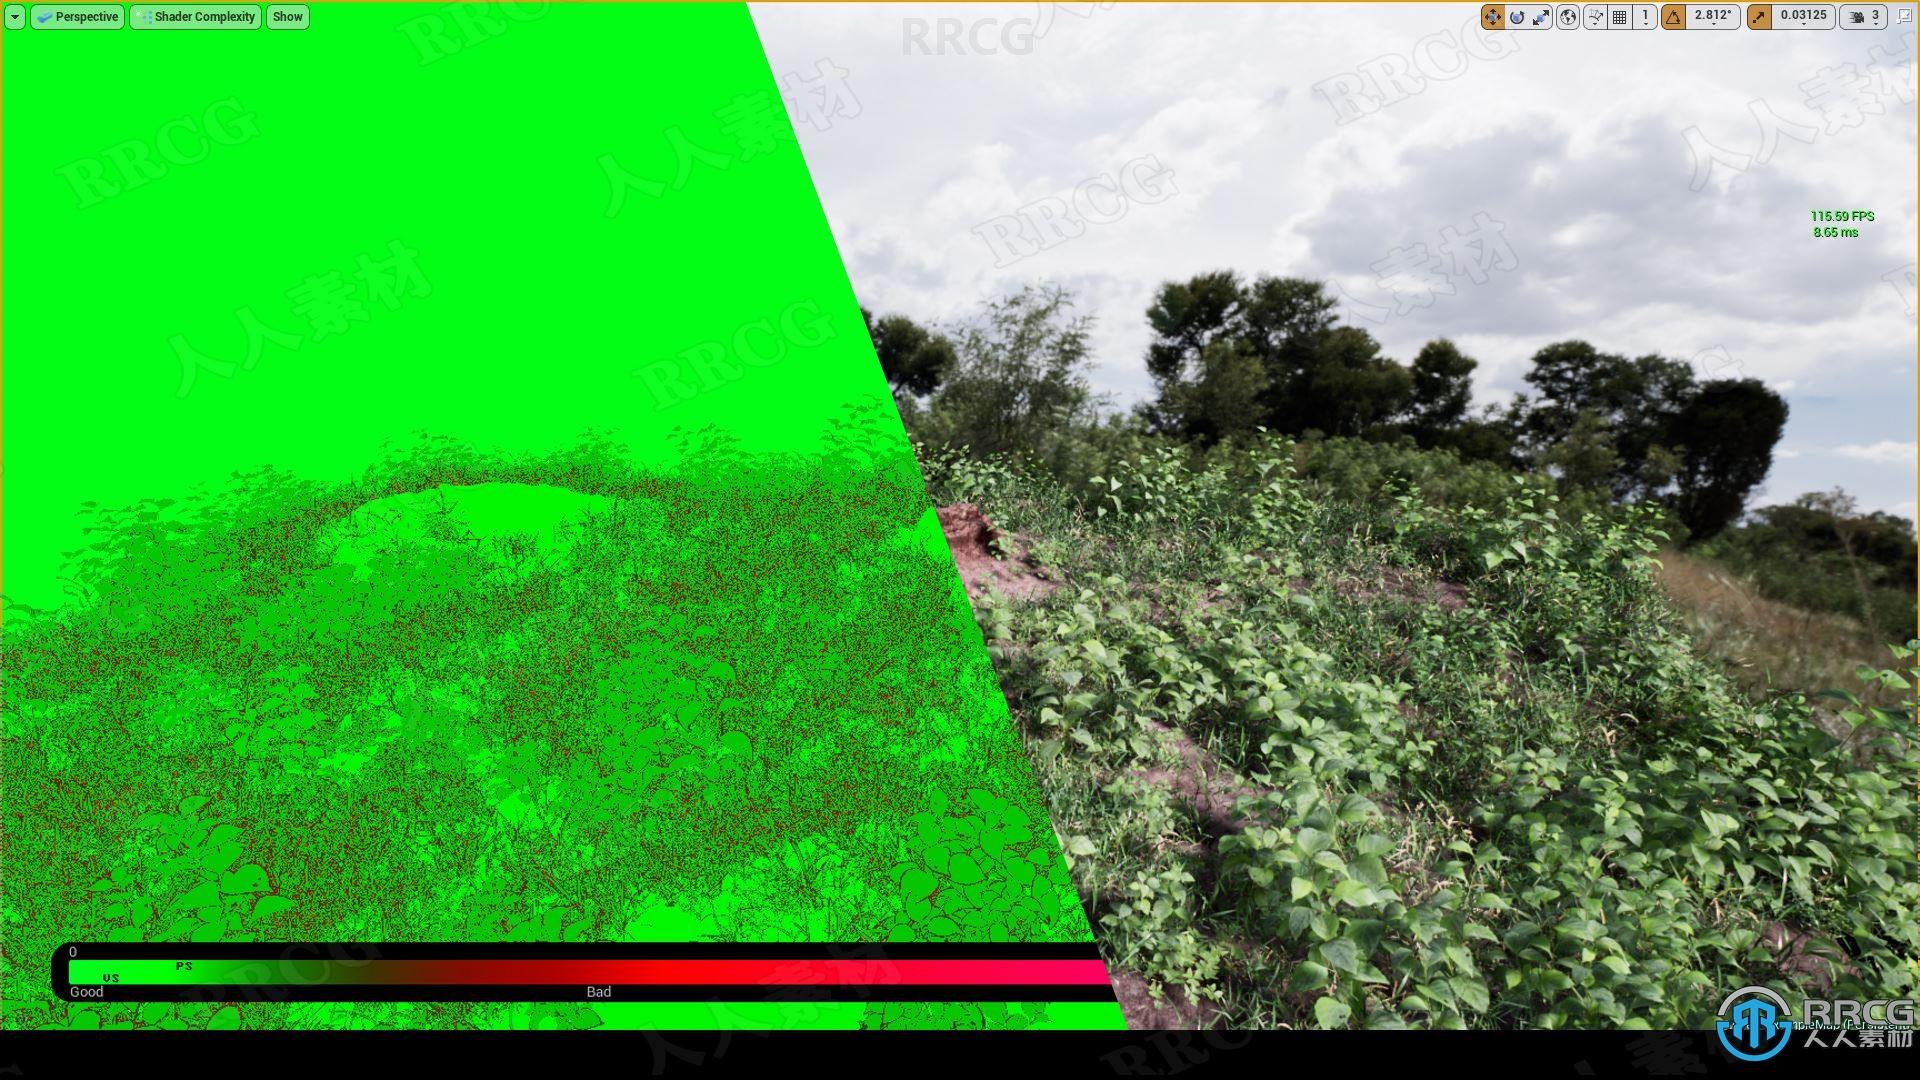 自然逼真植被岩石环境场景Unreal Engine游戏素材资源